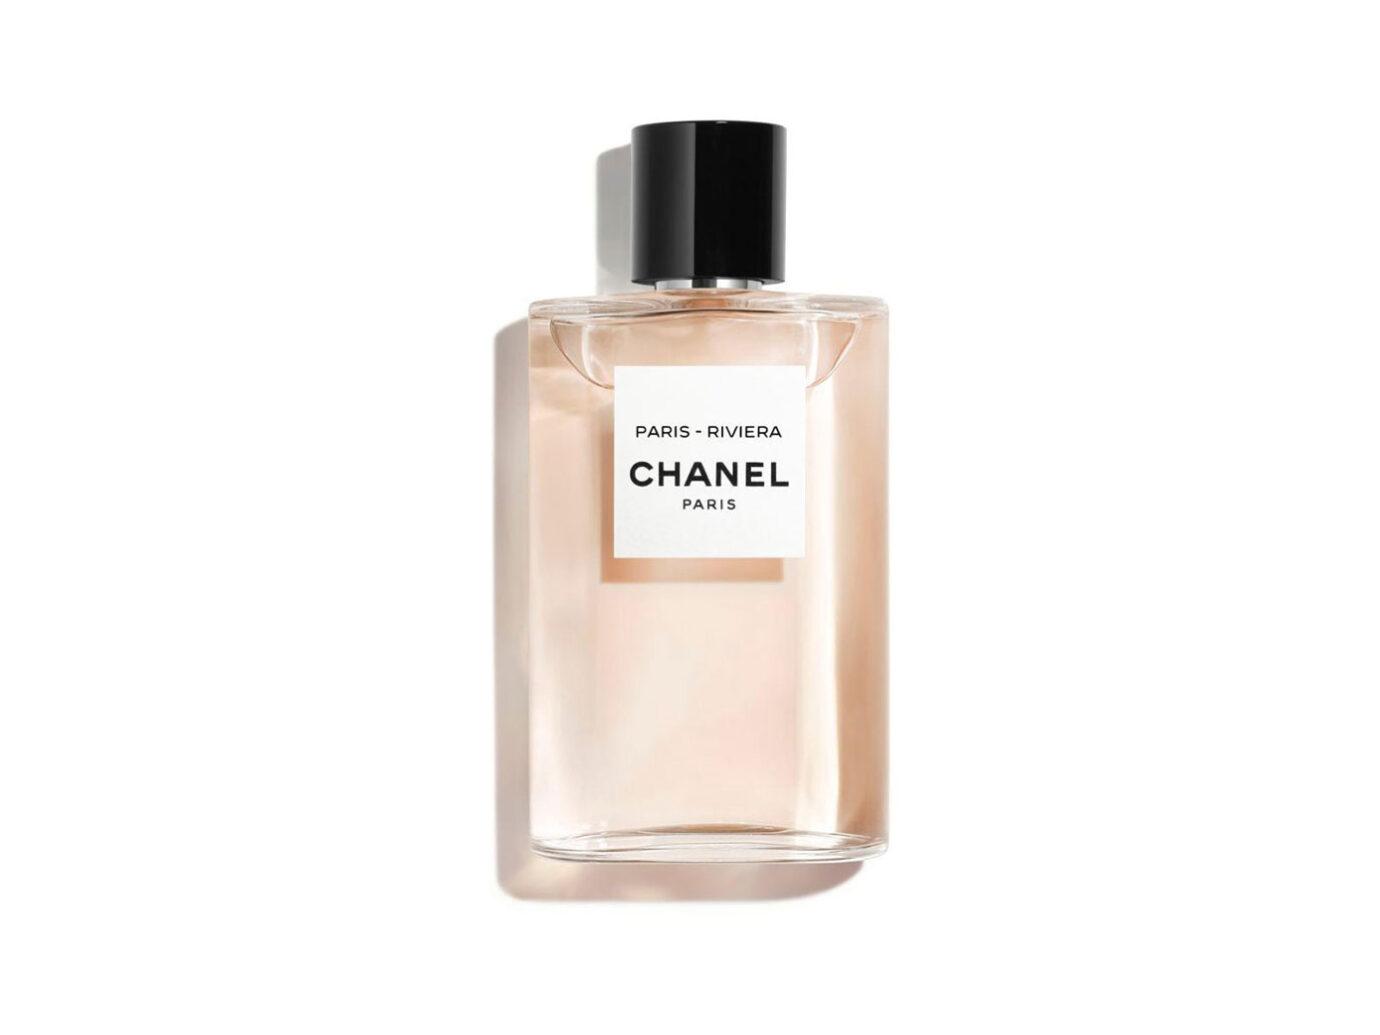 CHANEL PARIS-RIVIERA Eau de Toilette, Main, color, NO COLOR (9) CHANEL LES EAUX DE CHANEL PARIS-RIVIERA EAU DE TOILETTE